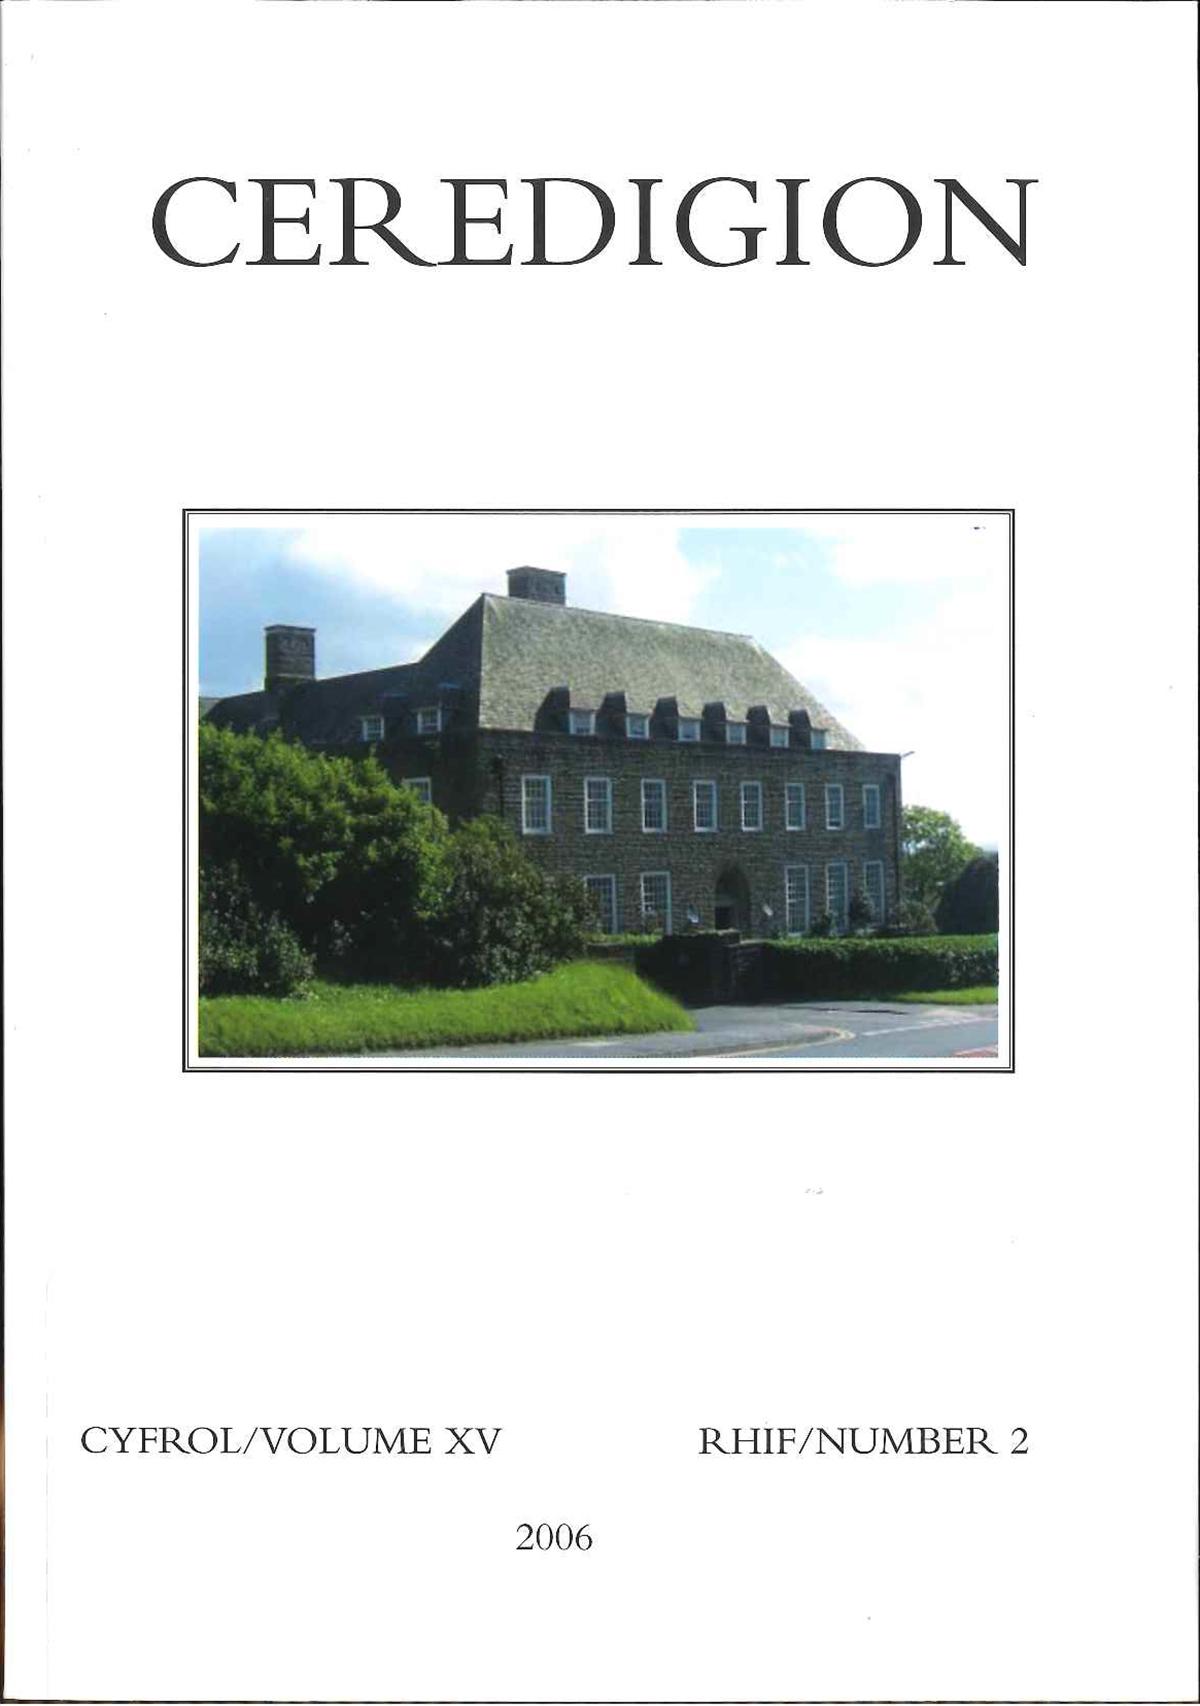 Ceredigion Journal of the Ceredigion Historical Society Vol XV, No 2 2006 - ISBN 0069 2263